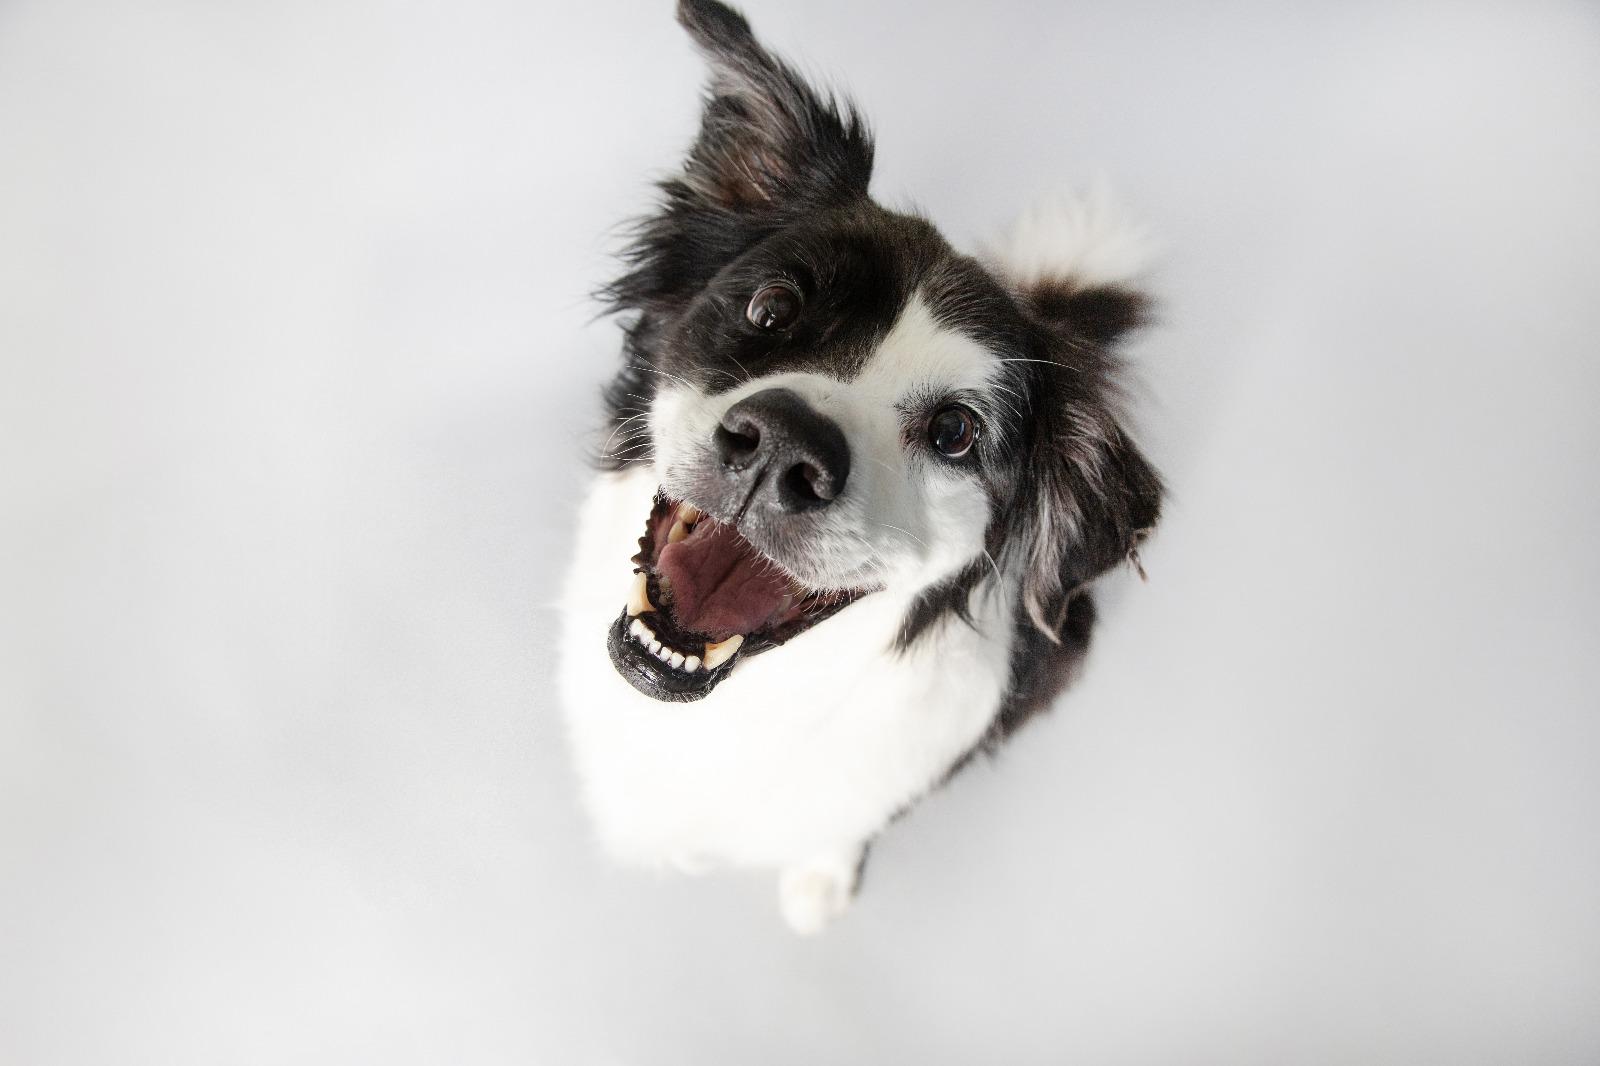 dog facing up at camera